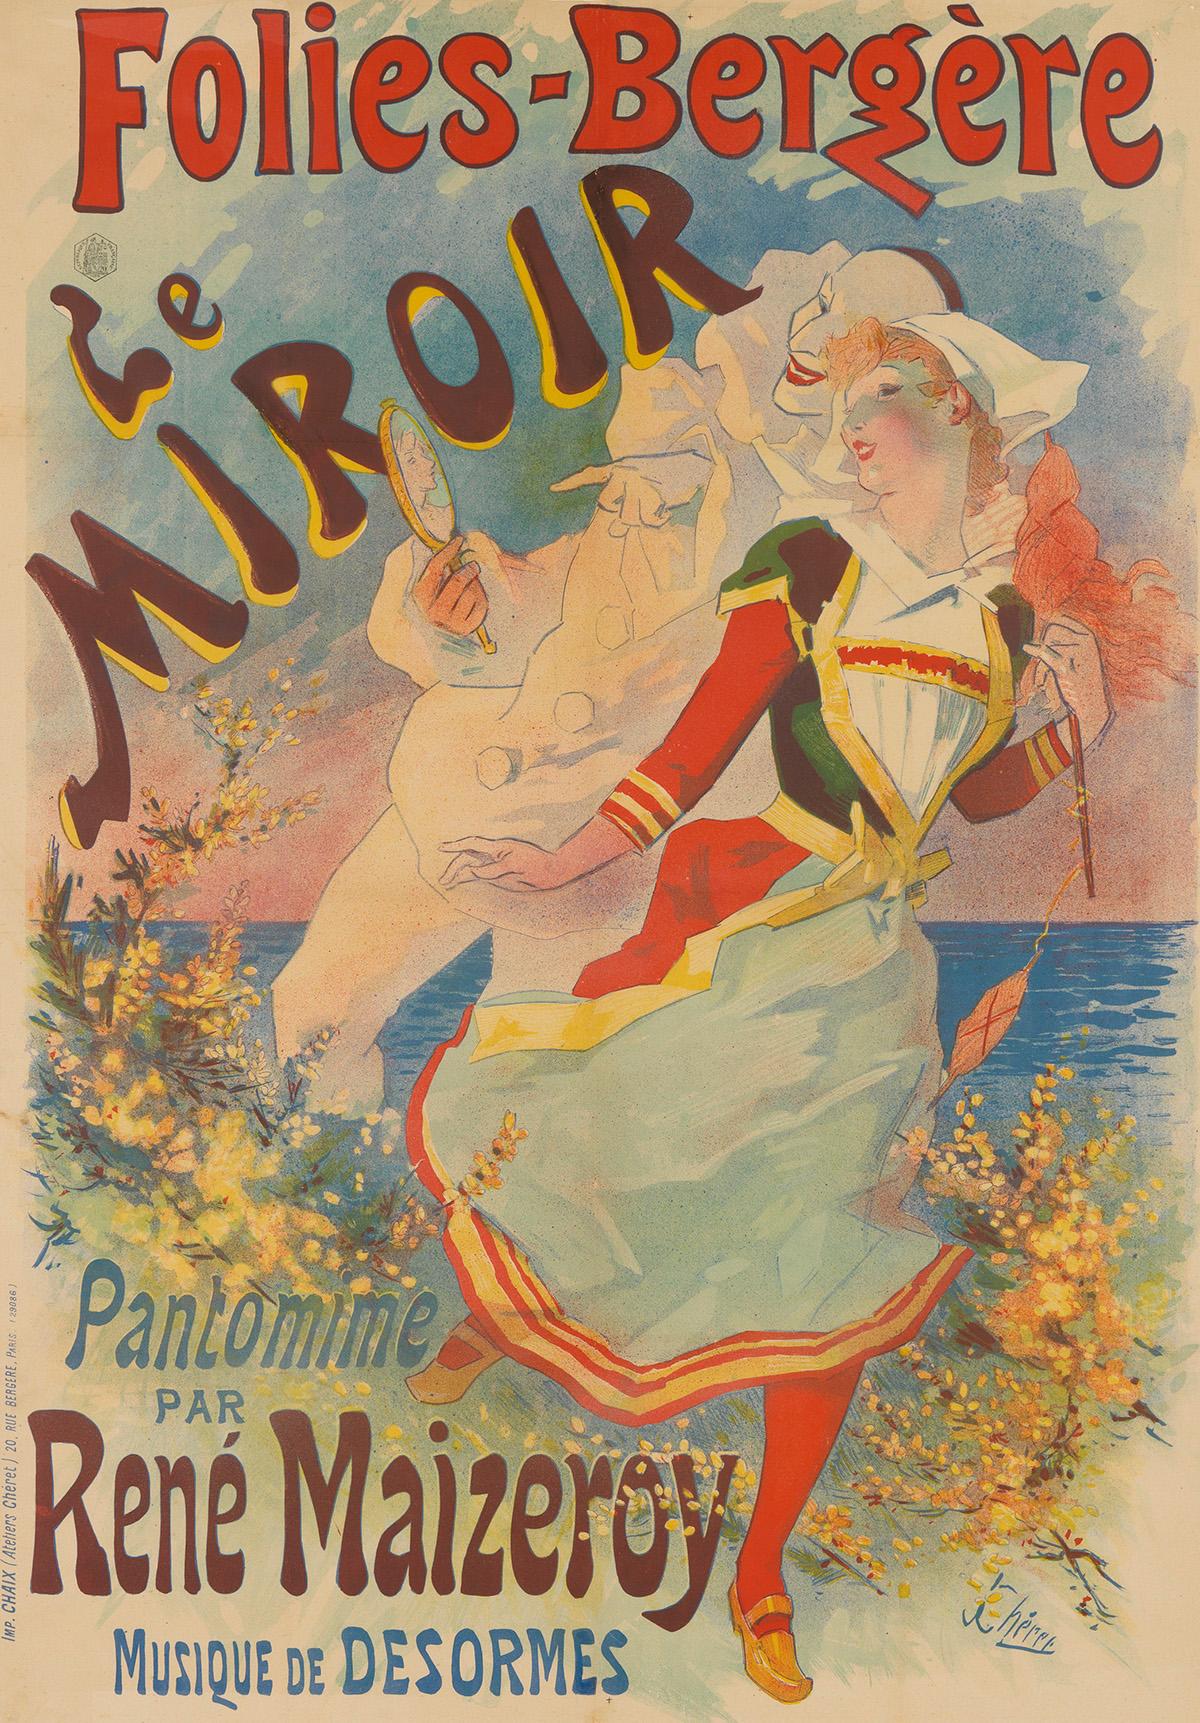 JULES CHÉRET (1836-1932).  FOLIES - BERGÈRE / LE MIROIR. Circa 1892. 46¾x32¾ inches, 118¾x83¼ cm. Chaix, Paris.